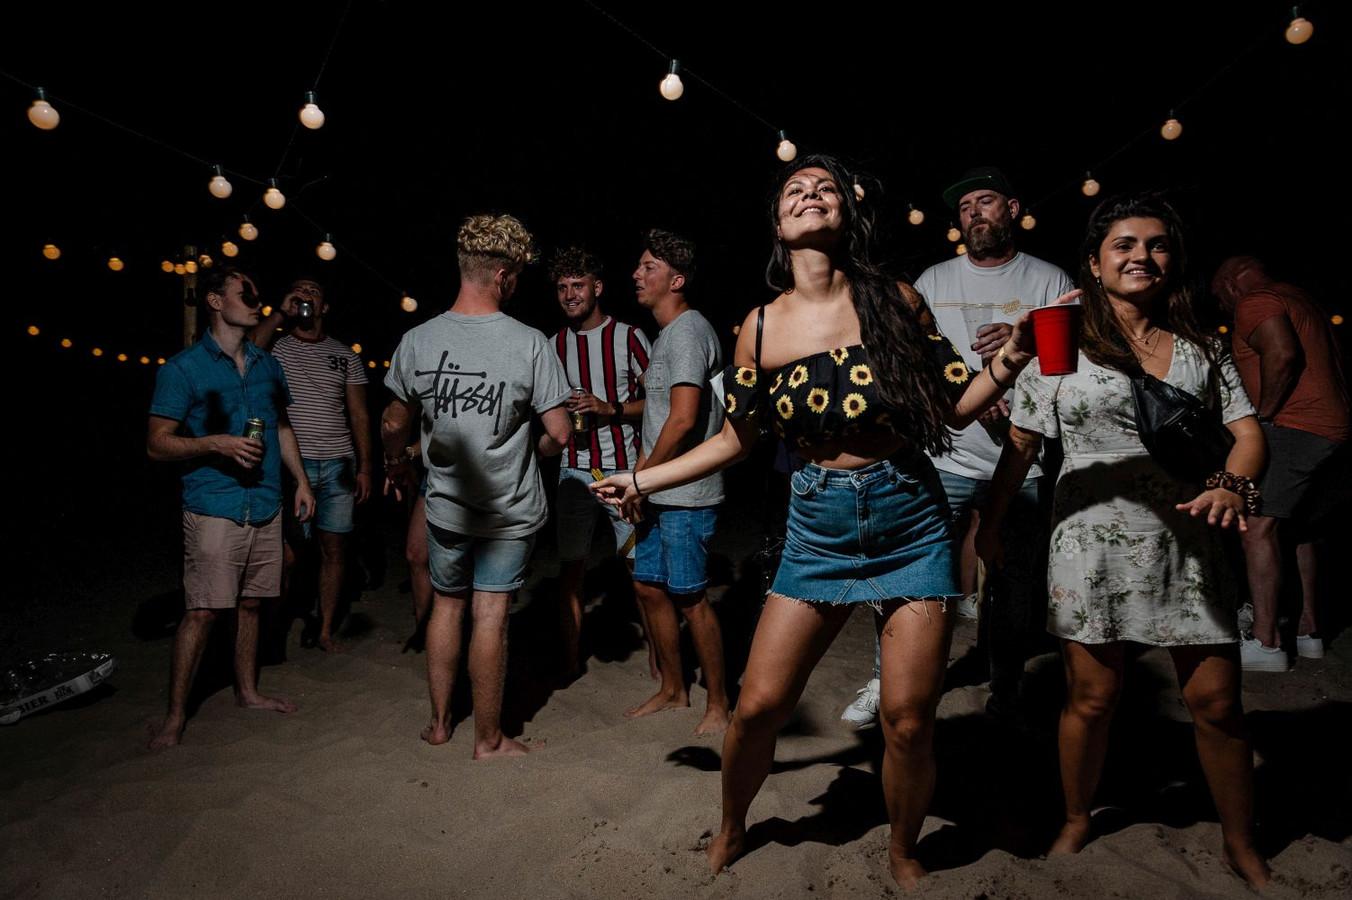 Vrijdag vierden jongeren feest bij de Maasvlakte in Rotterdam.